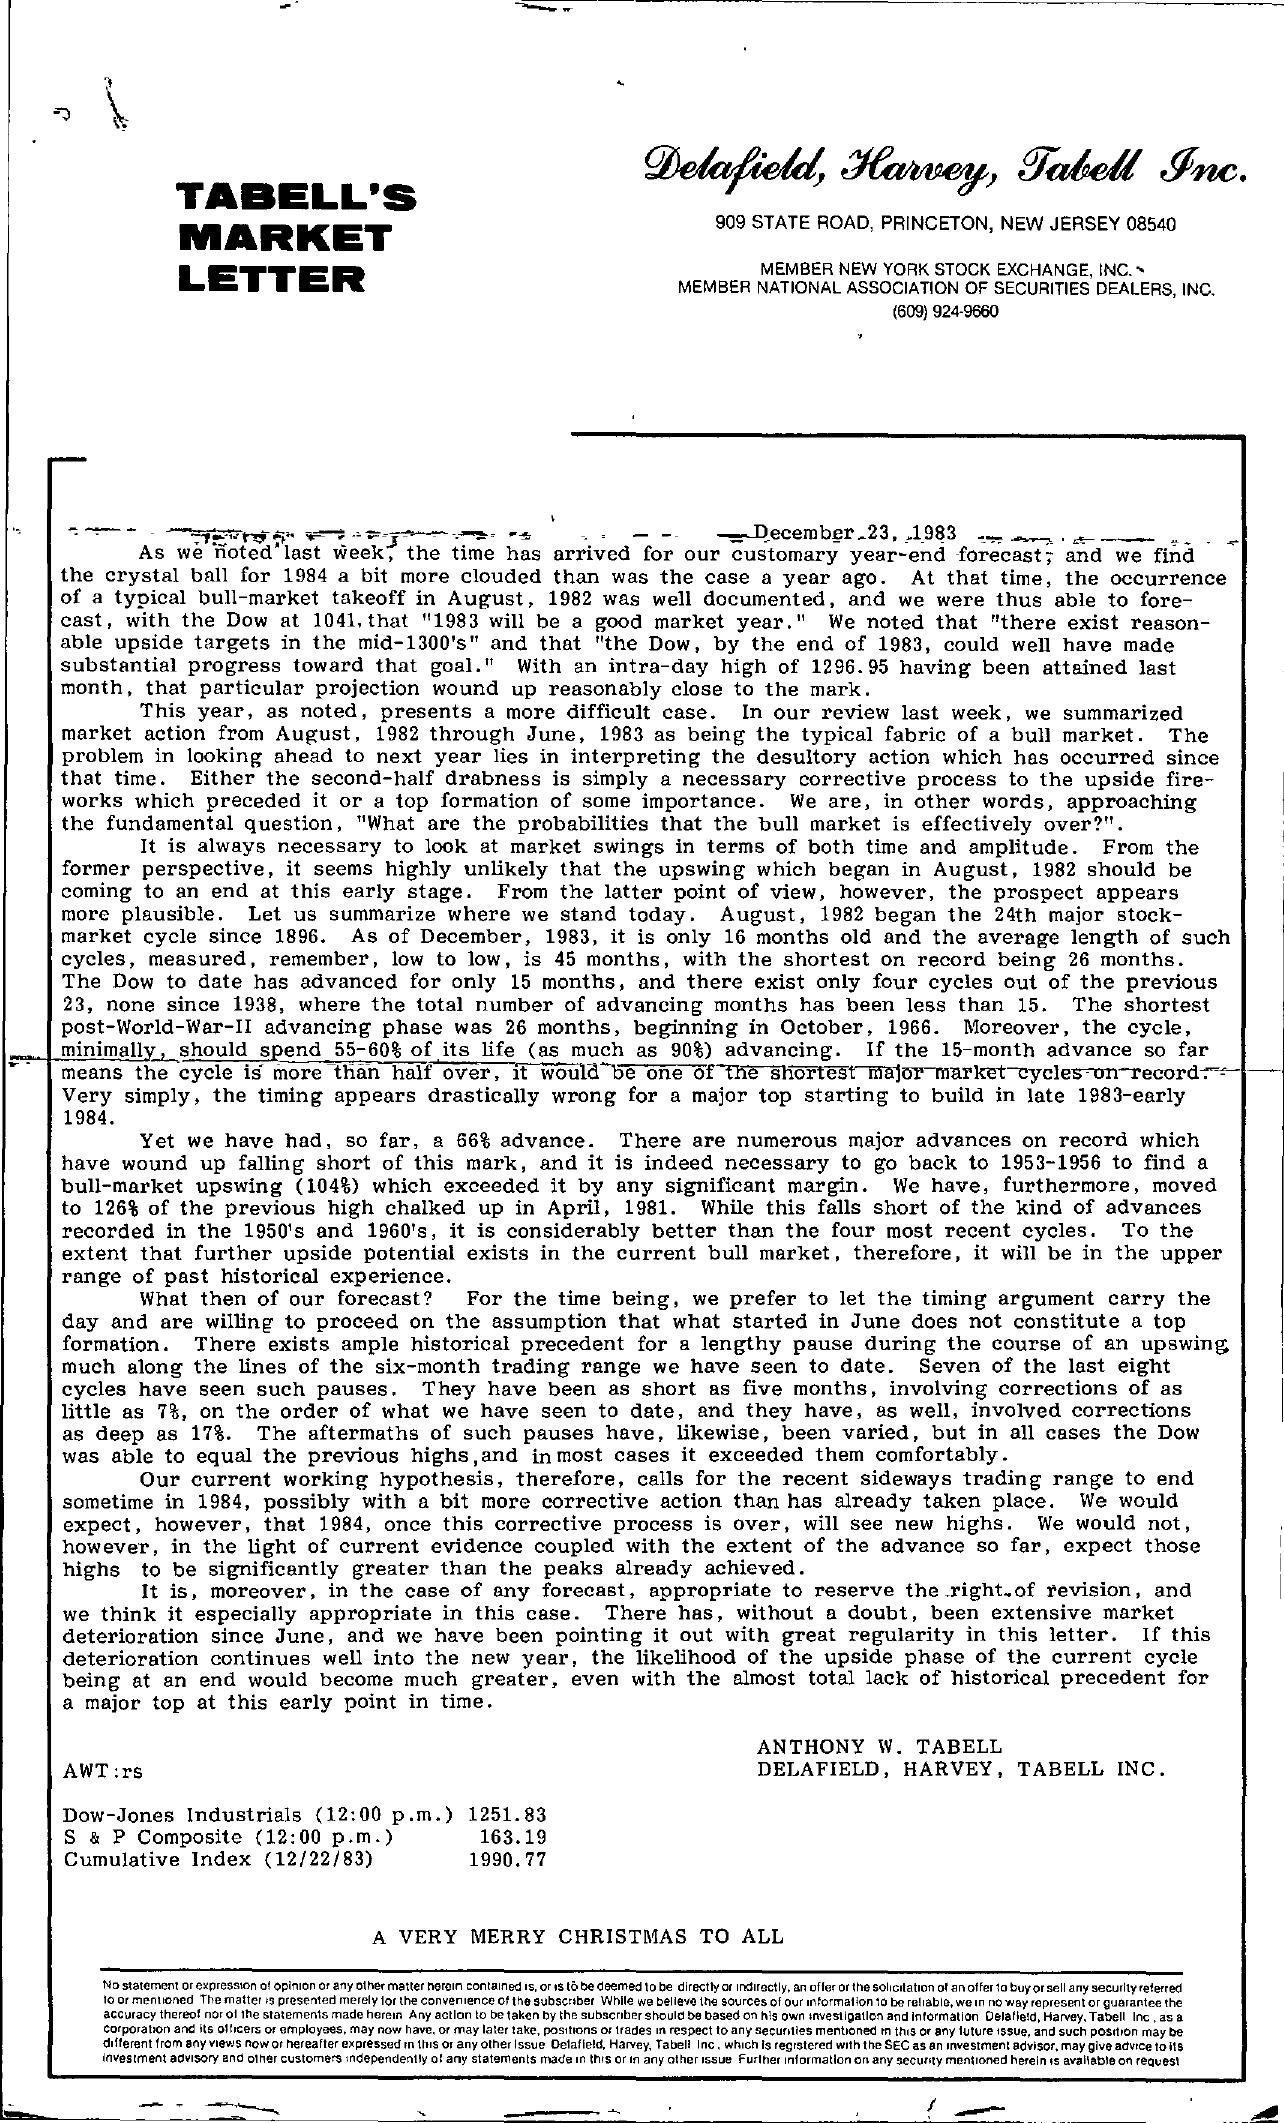 Tabell's Market Letter - December 23, 1983